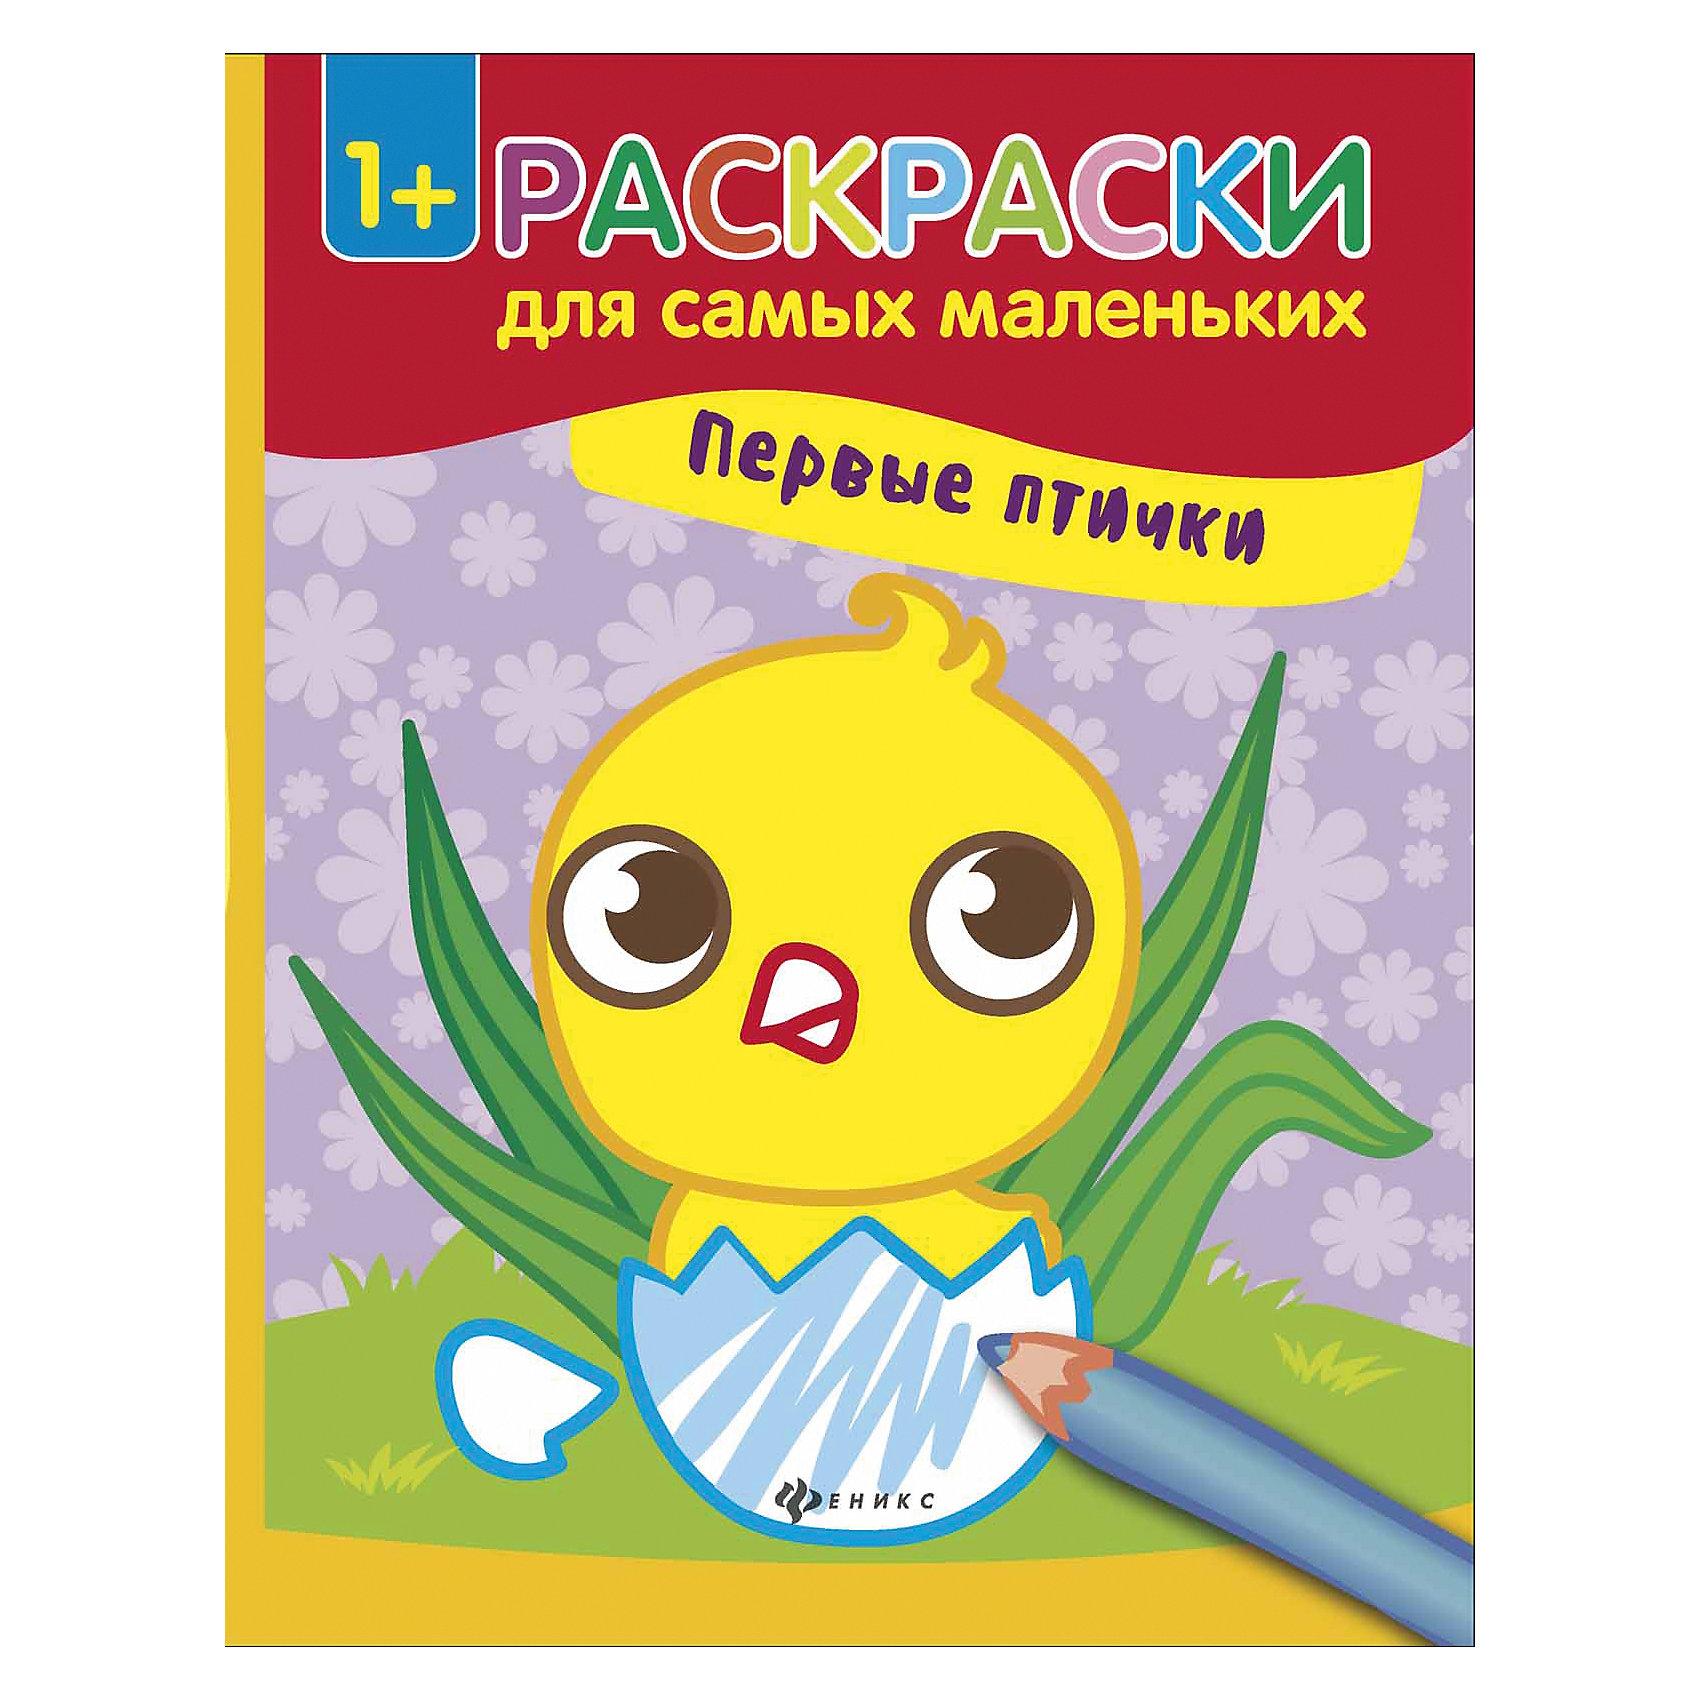 Книжка-раскраска Первые птичкиКнижка-раскраска Первые птички<br><br>Характеристики: <br><br>• Кол-во страниц: 8<br>• ISBN: 9785222286708<br>• Возраст: 1+<br>• Обложка: мягкая<br>• Формат: а4<br><br>Эта увлекательная раскраска подойдет для использования детьми от 1 года. Все рисунки выполнены крупно, чтобы малышу было удобно ориентироваться в них, а так же имеют цветные контуры, которые помогут сориентироваться в выборе нужного цвета для раскрашивания картинки. Работа с такими книжками-раскрасками помогает развить мелкую моторику и воображение.<br><br>Книжка-раскраска Первые птички можно купить в нашем интернет-магазине.<br><br>Ширина мм: 260<br>Глубина мм: 200<br>Высота мм: 10<br>Вес г: 39<br>Возраст от месяцев: -2147483648<br>Возраст до месяцев: 2147483647<br>Пол: Унисекс<br>Возраст: Детский<br>SKU: 5464527